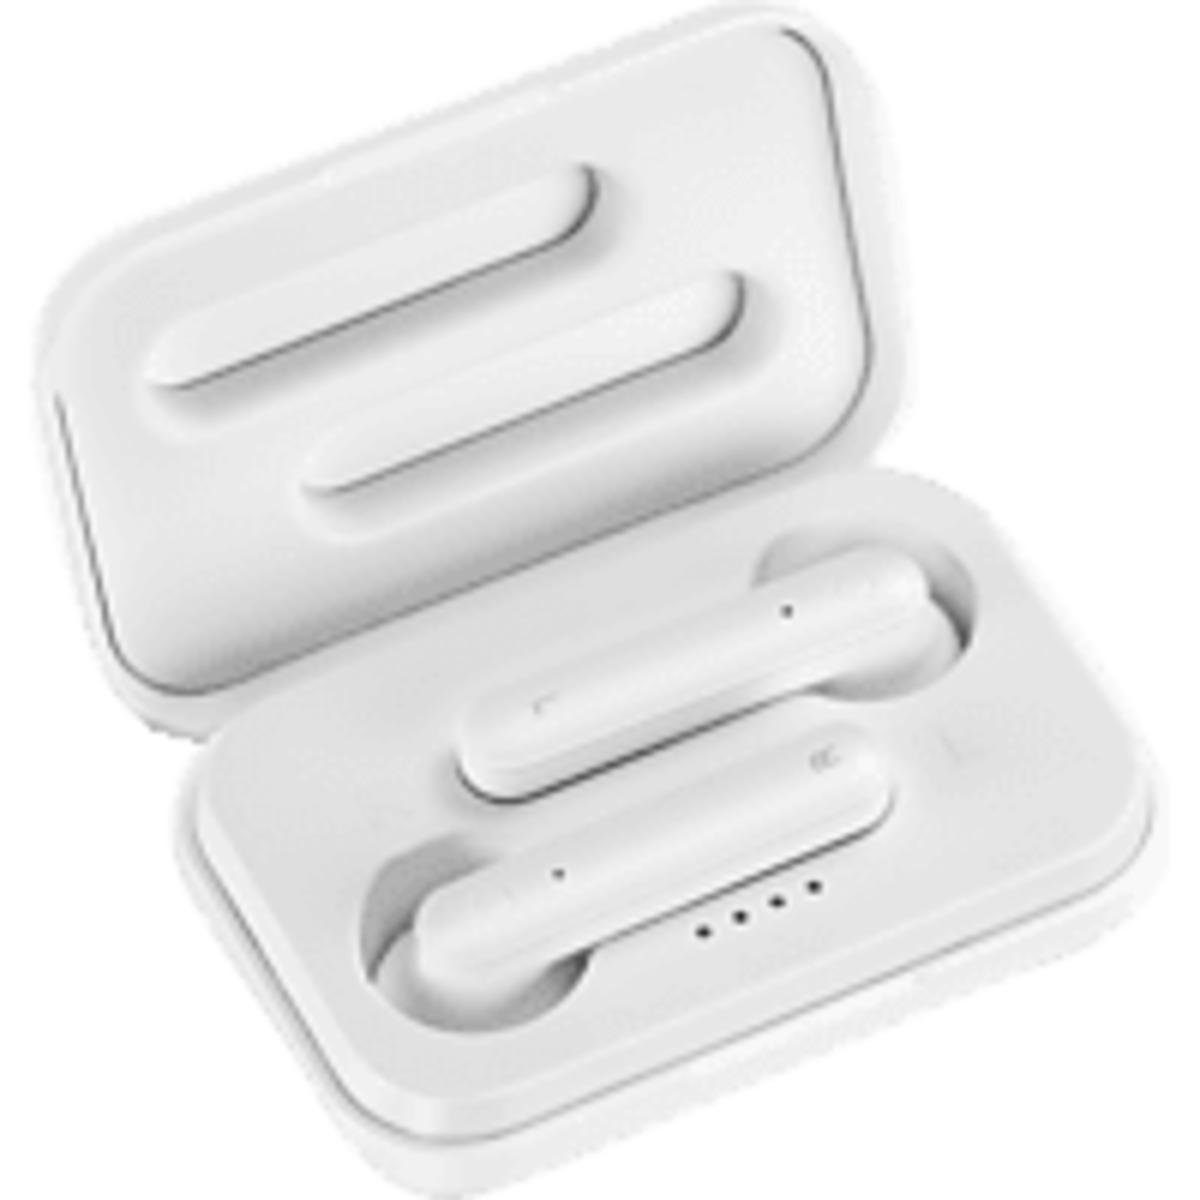 Bild 1 von CORN TECHNOLOGY Onestyle TWS-BT-V11, In-ear Kopfhörer Bluetooth Weiß